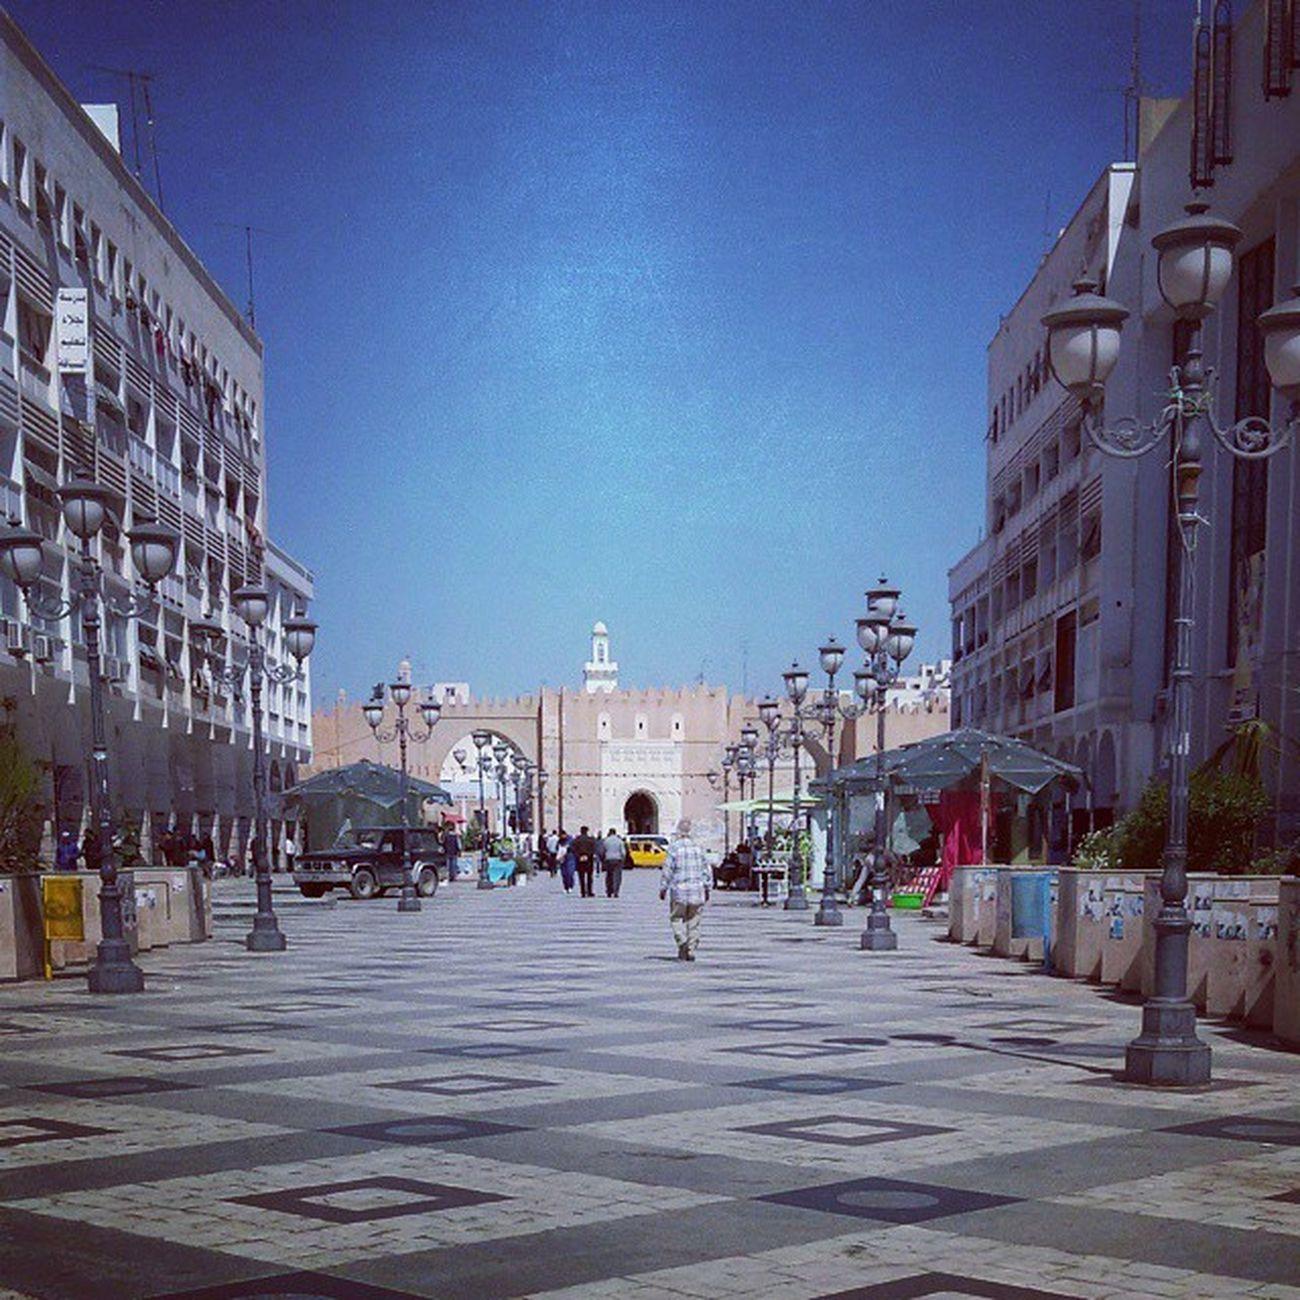 Sfax Elghalia Sfe9issna